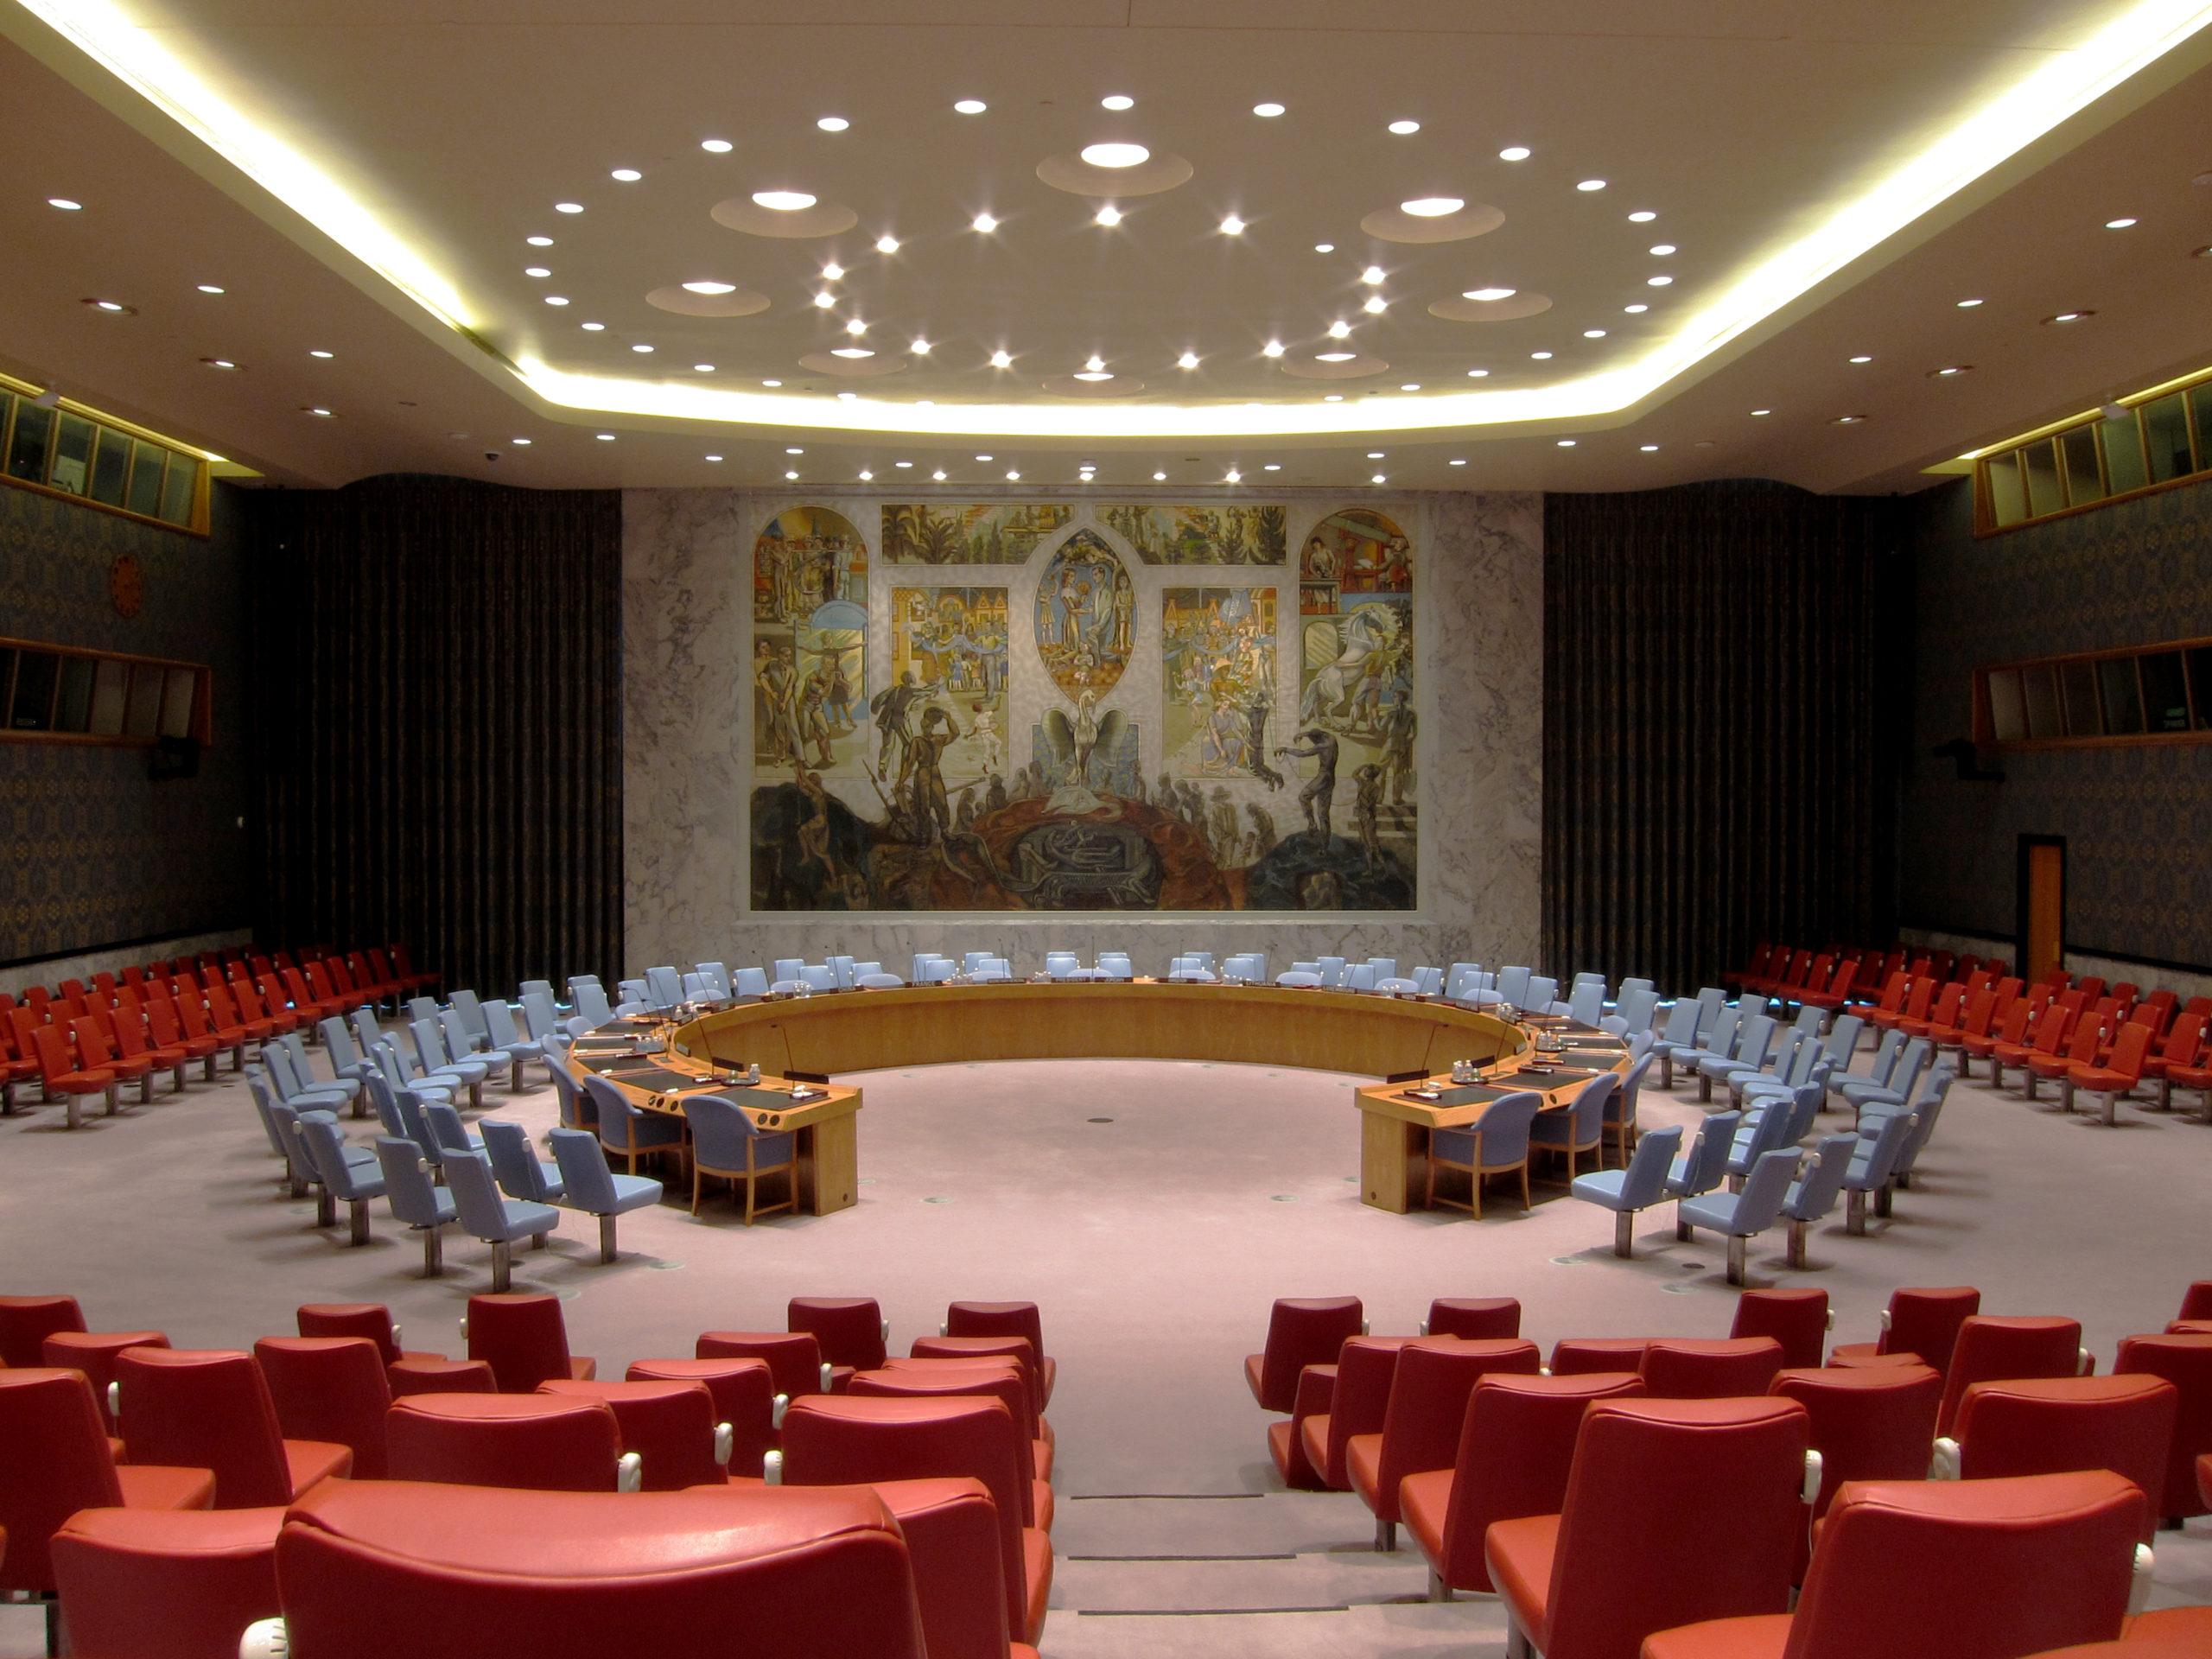 Érdeklődés hiányában elmarad a béketerv elítéléséről szóló ENSZ szavazás